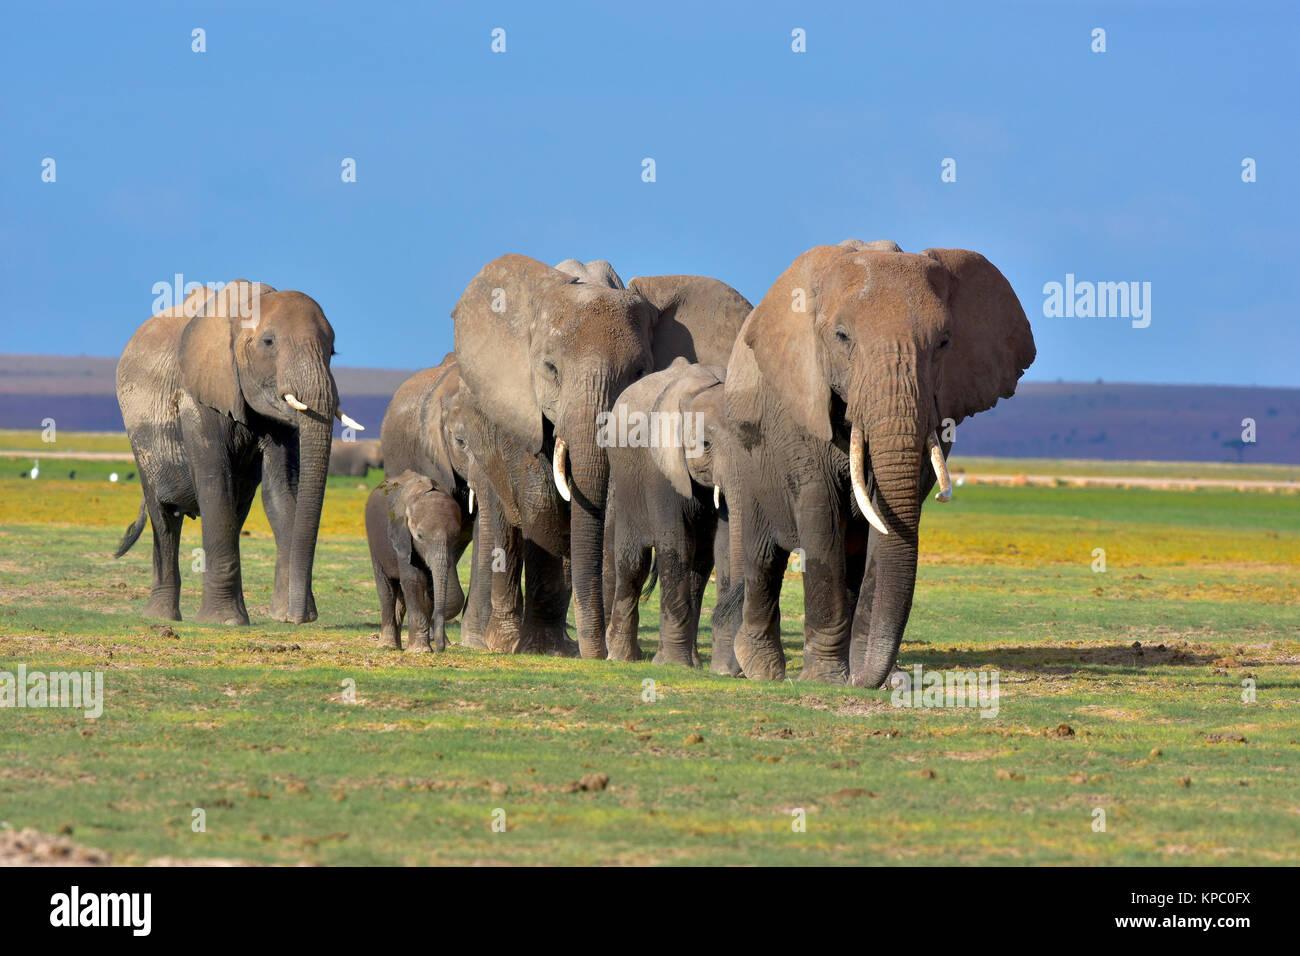 Les éléphants dans le parc national Amboseli près de Kilimandjaro au Kenya. Photo Stock